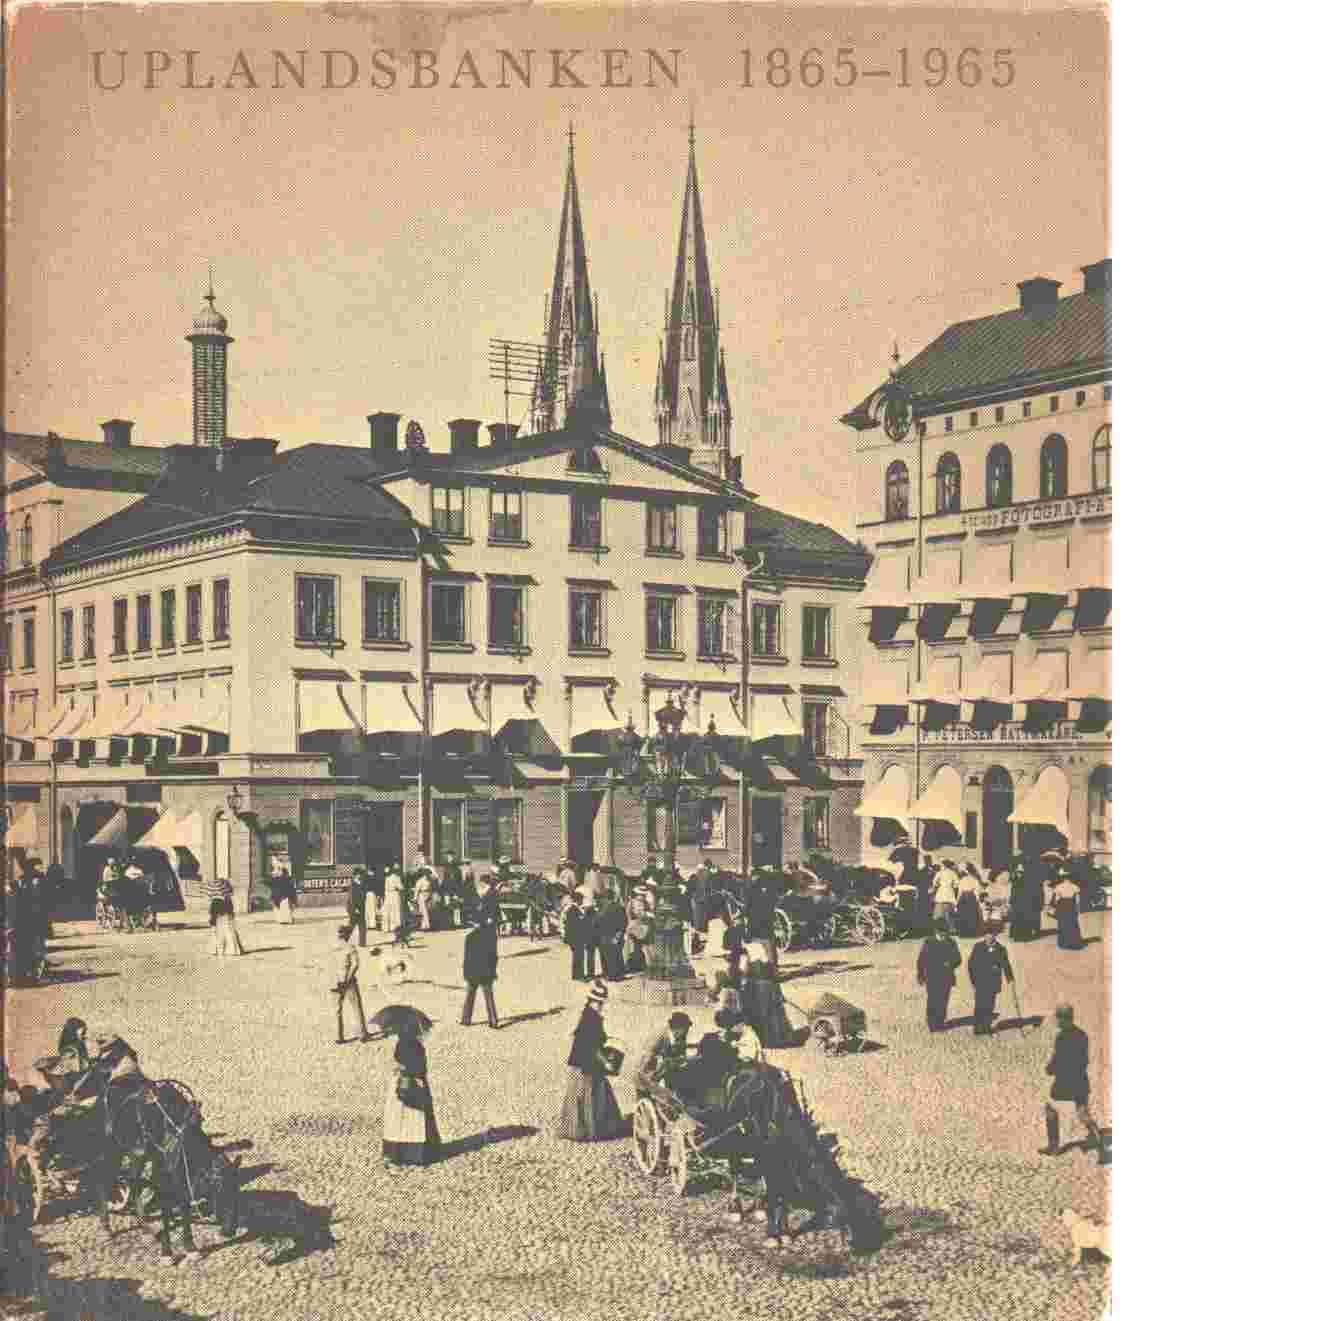 Uplandsbanken 1865-1965 - Thunberg, Göran